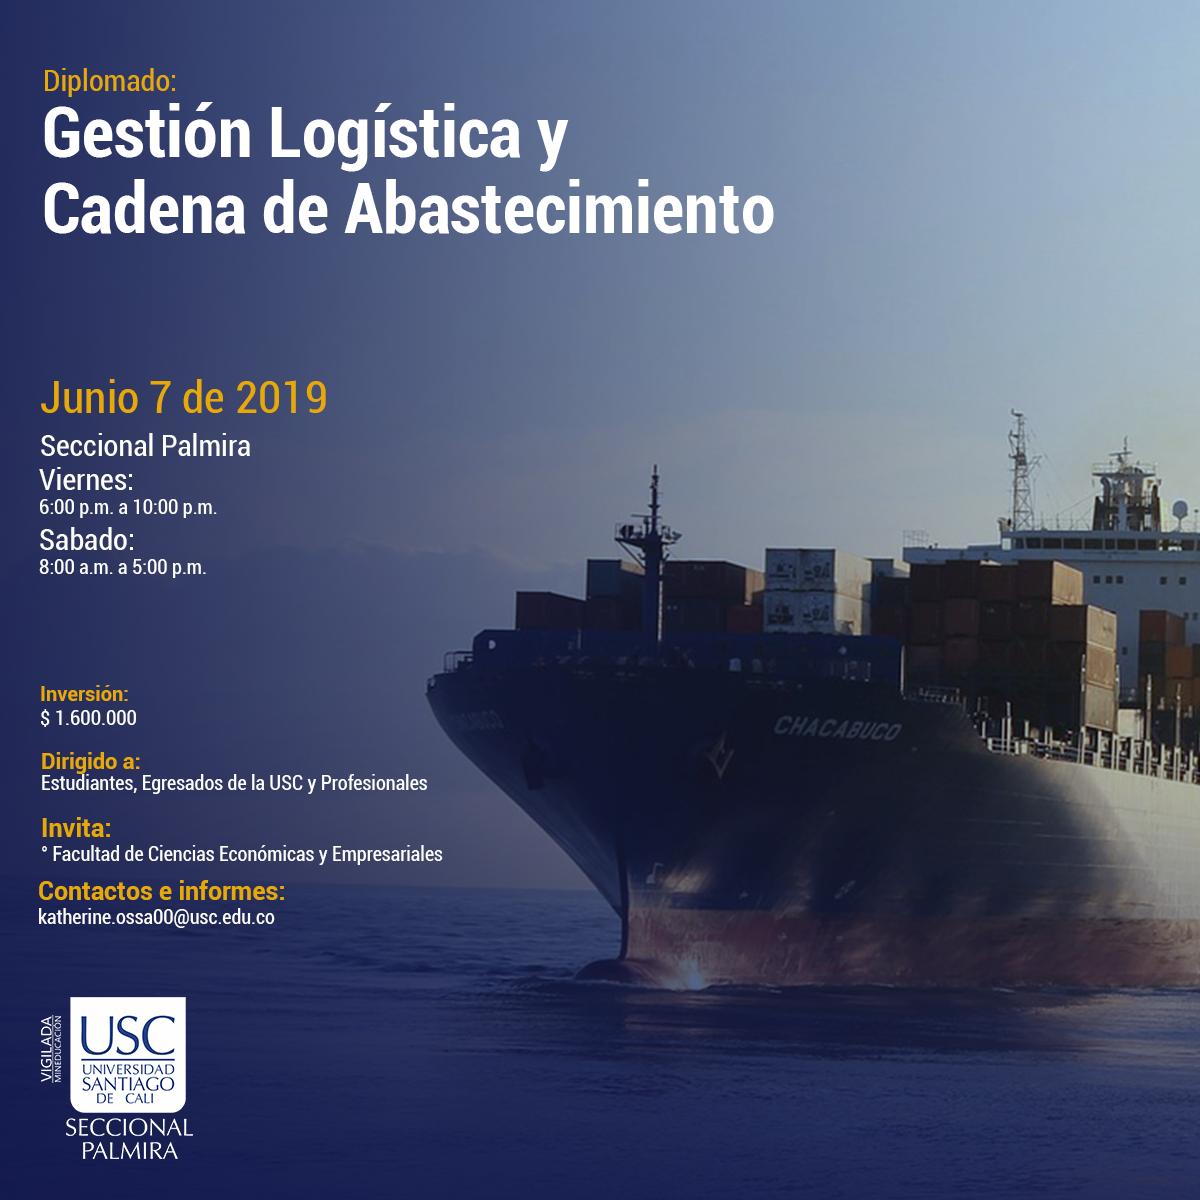 Diplomado Gestion Logistica Y Cadenas De Abastecimiento